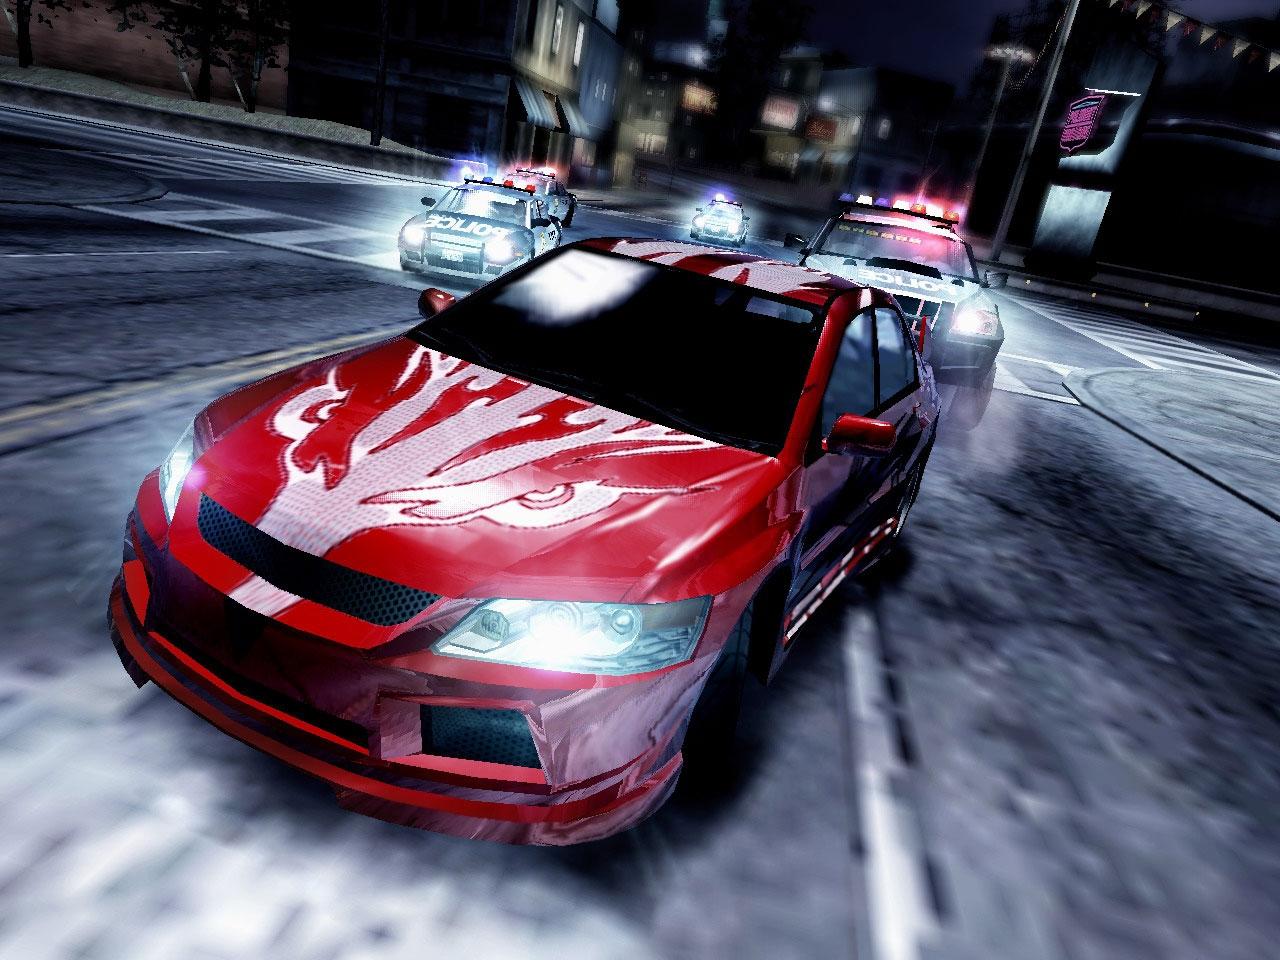 http://1.bp.blogspot.com/-PJ_xrMcG16g/T9rRc98K4EI/AAAAAAAAAOs/PiuCefwVm5w/s1600/NFS-game.jpg